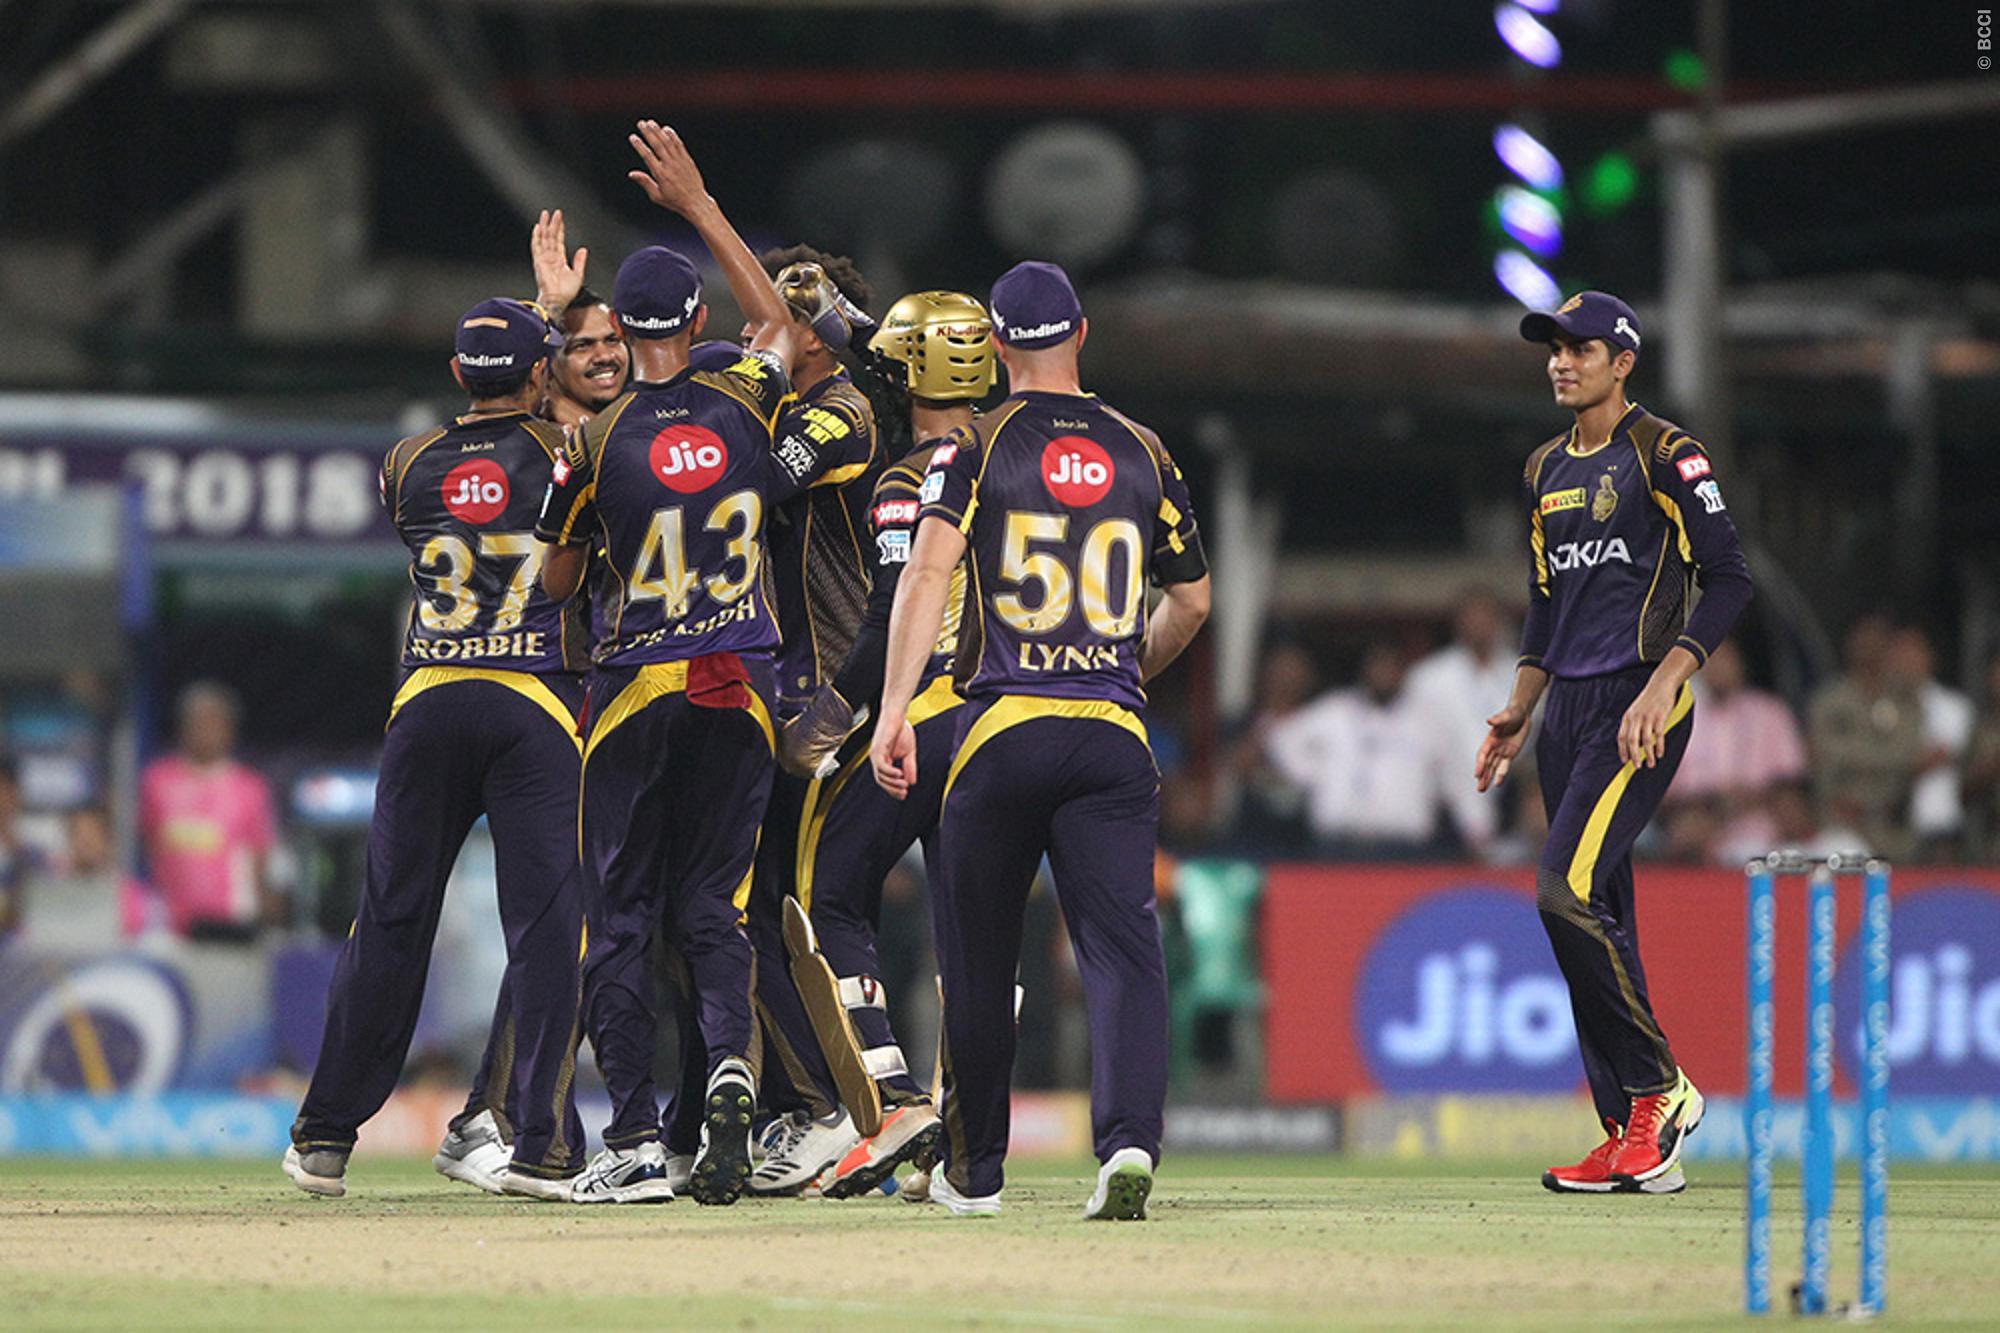 राजस्थान की हार के बाद रहाणे को लेकर गुस्साए फैन, इस खिलाड़ी को बाहर करने की उठाई मांग 13